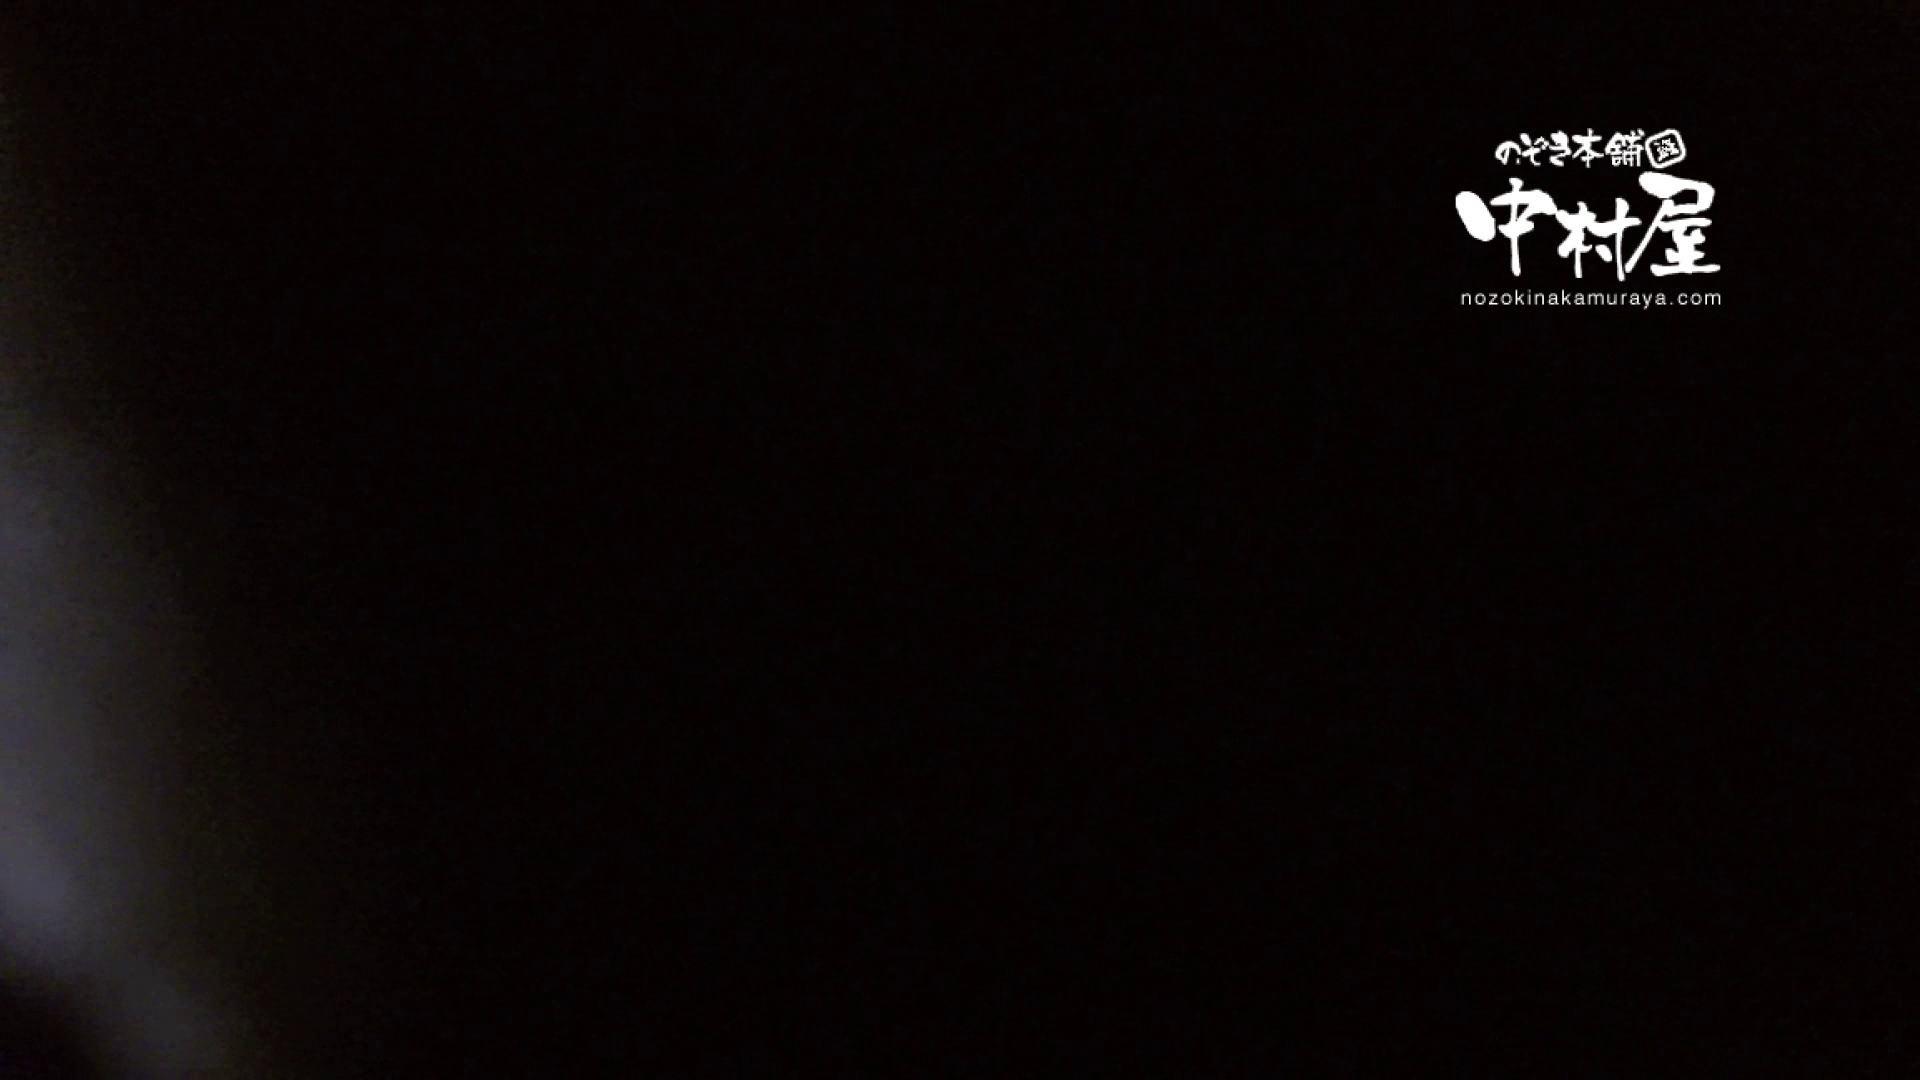 鬼畜 vol.15 ハスキーボイスで感じてんじゃねーよ! 前編 鬼畜  83PIX 10